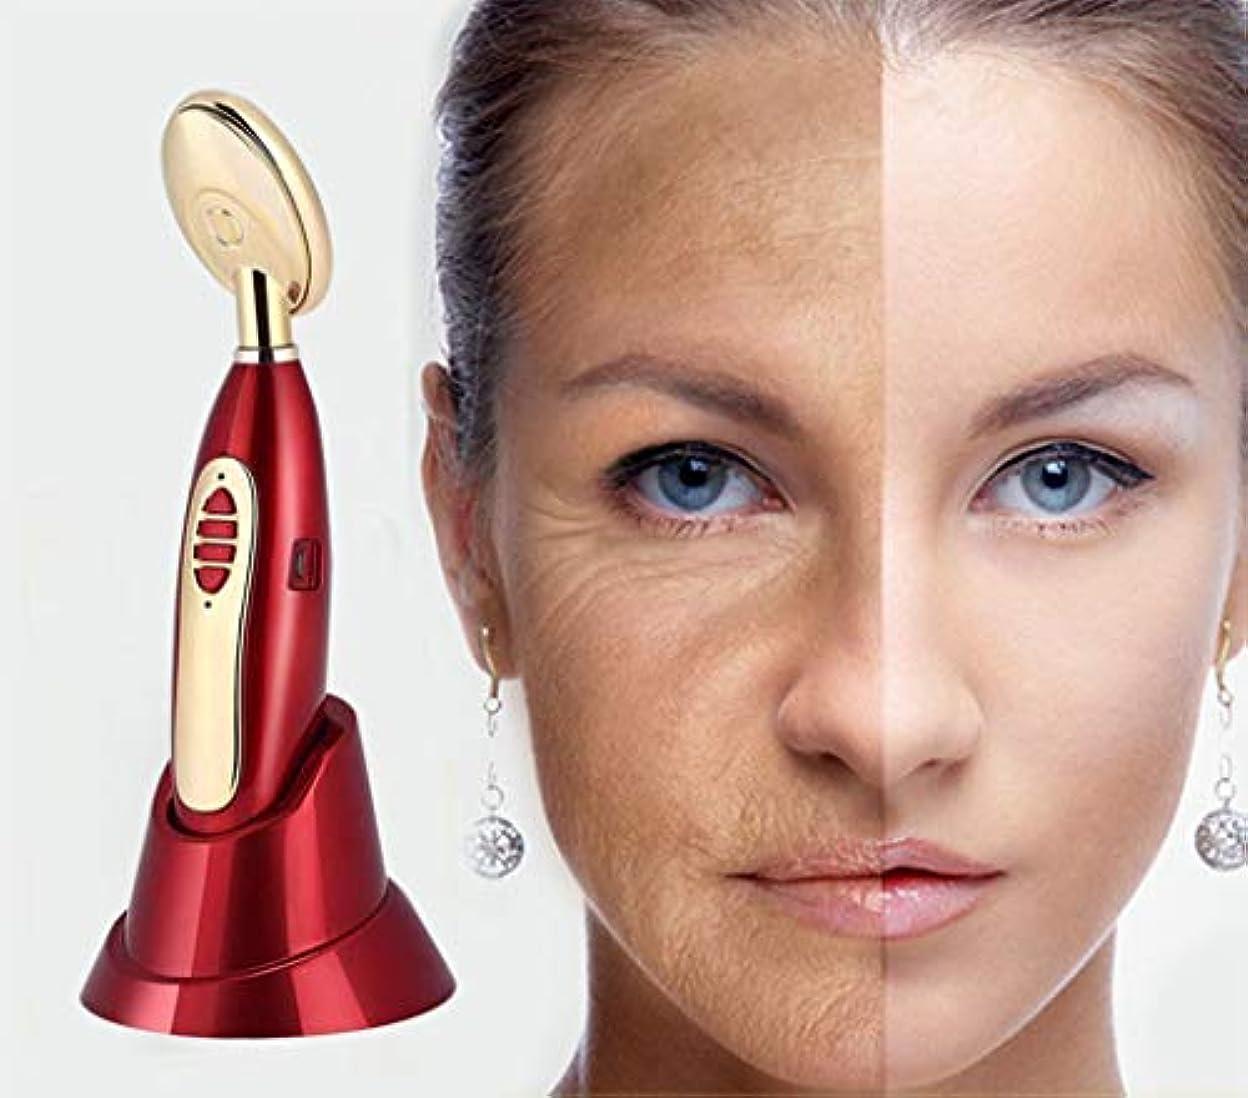 シリングサラダジャニス美容機器電気顔と目の皮膚引き締め機負イオンスキンエッセンス振動マッサージ USB しわ除去デバイス美容機器暗い円を削除します。